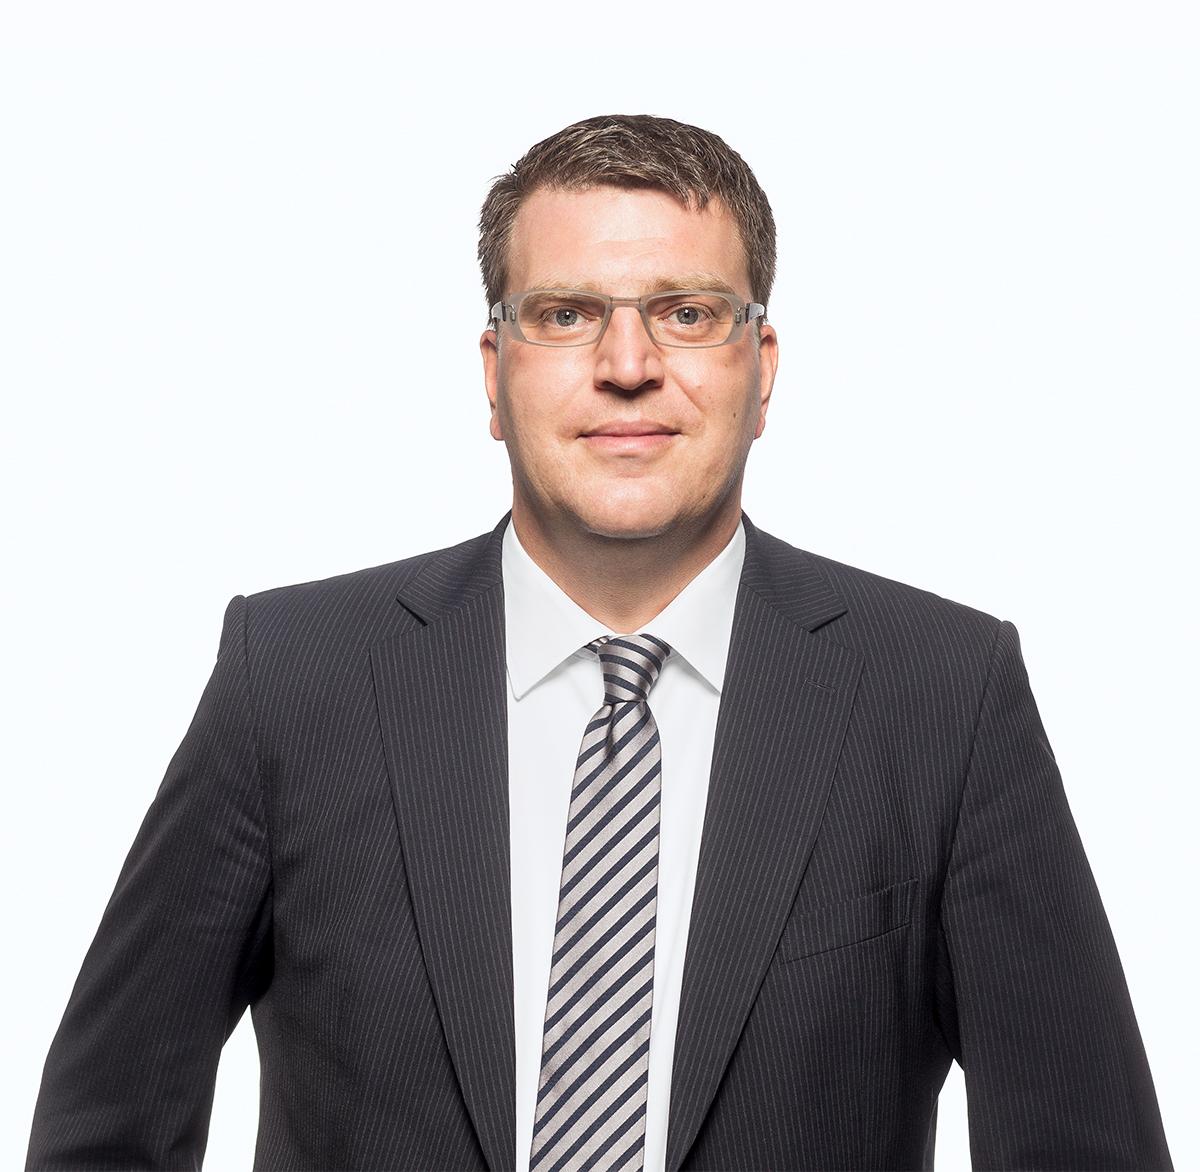 Thomas Piepho